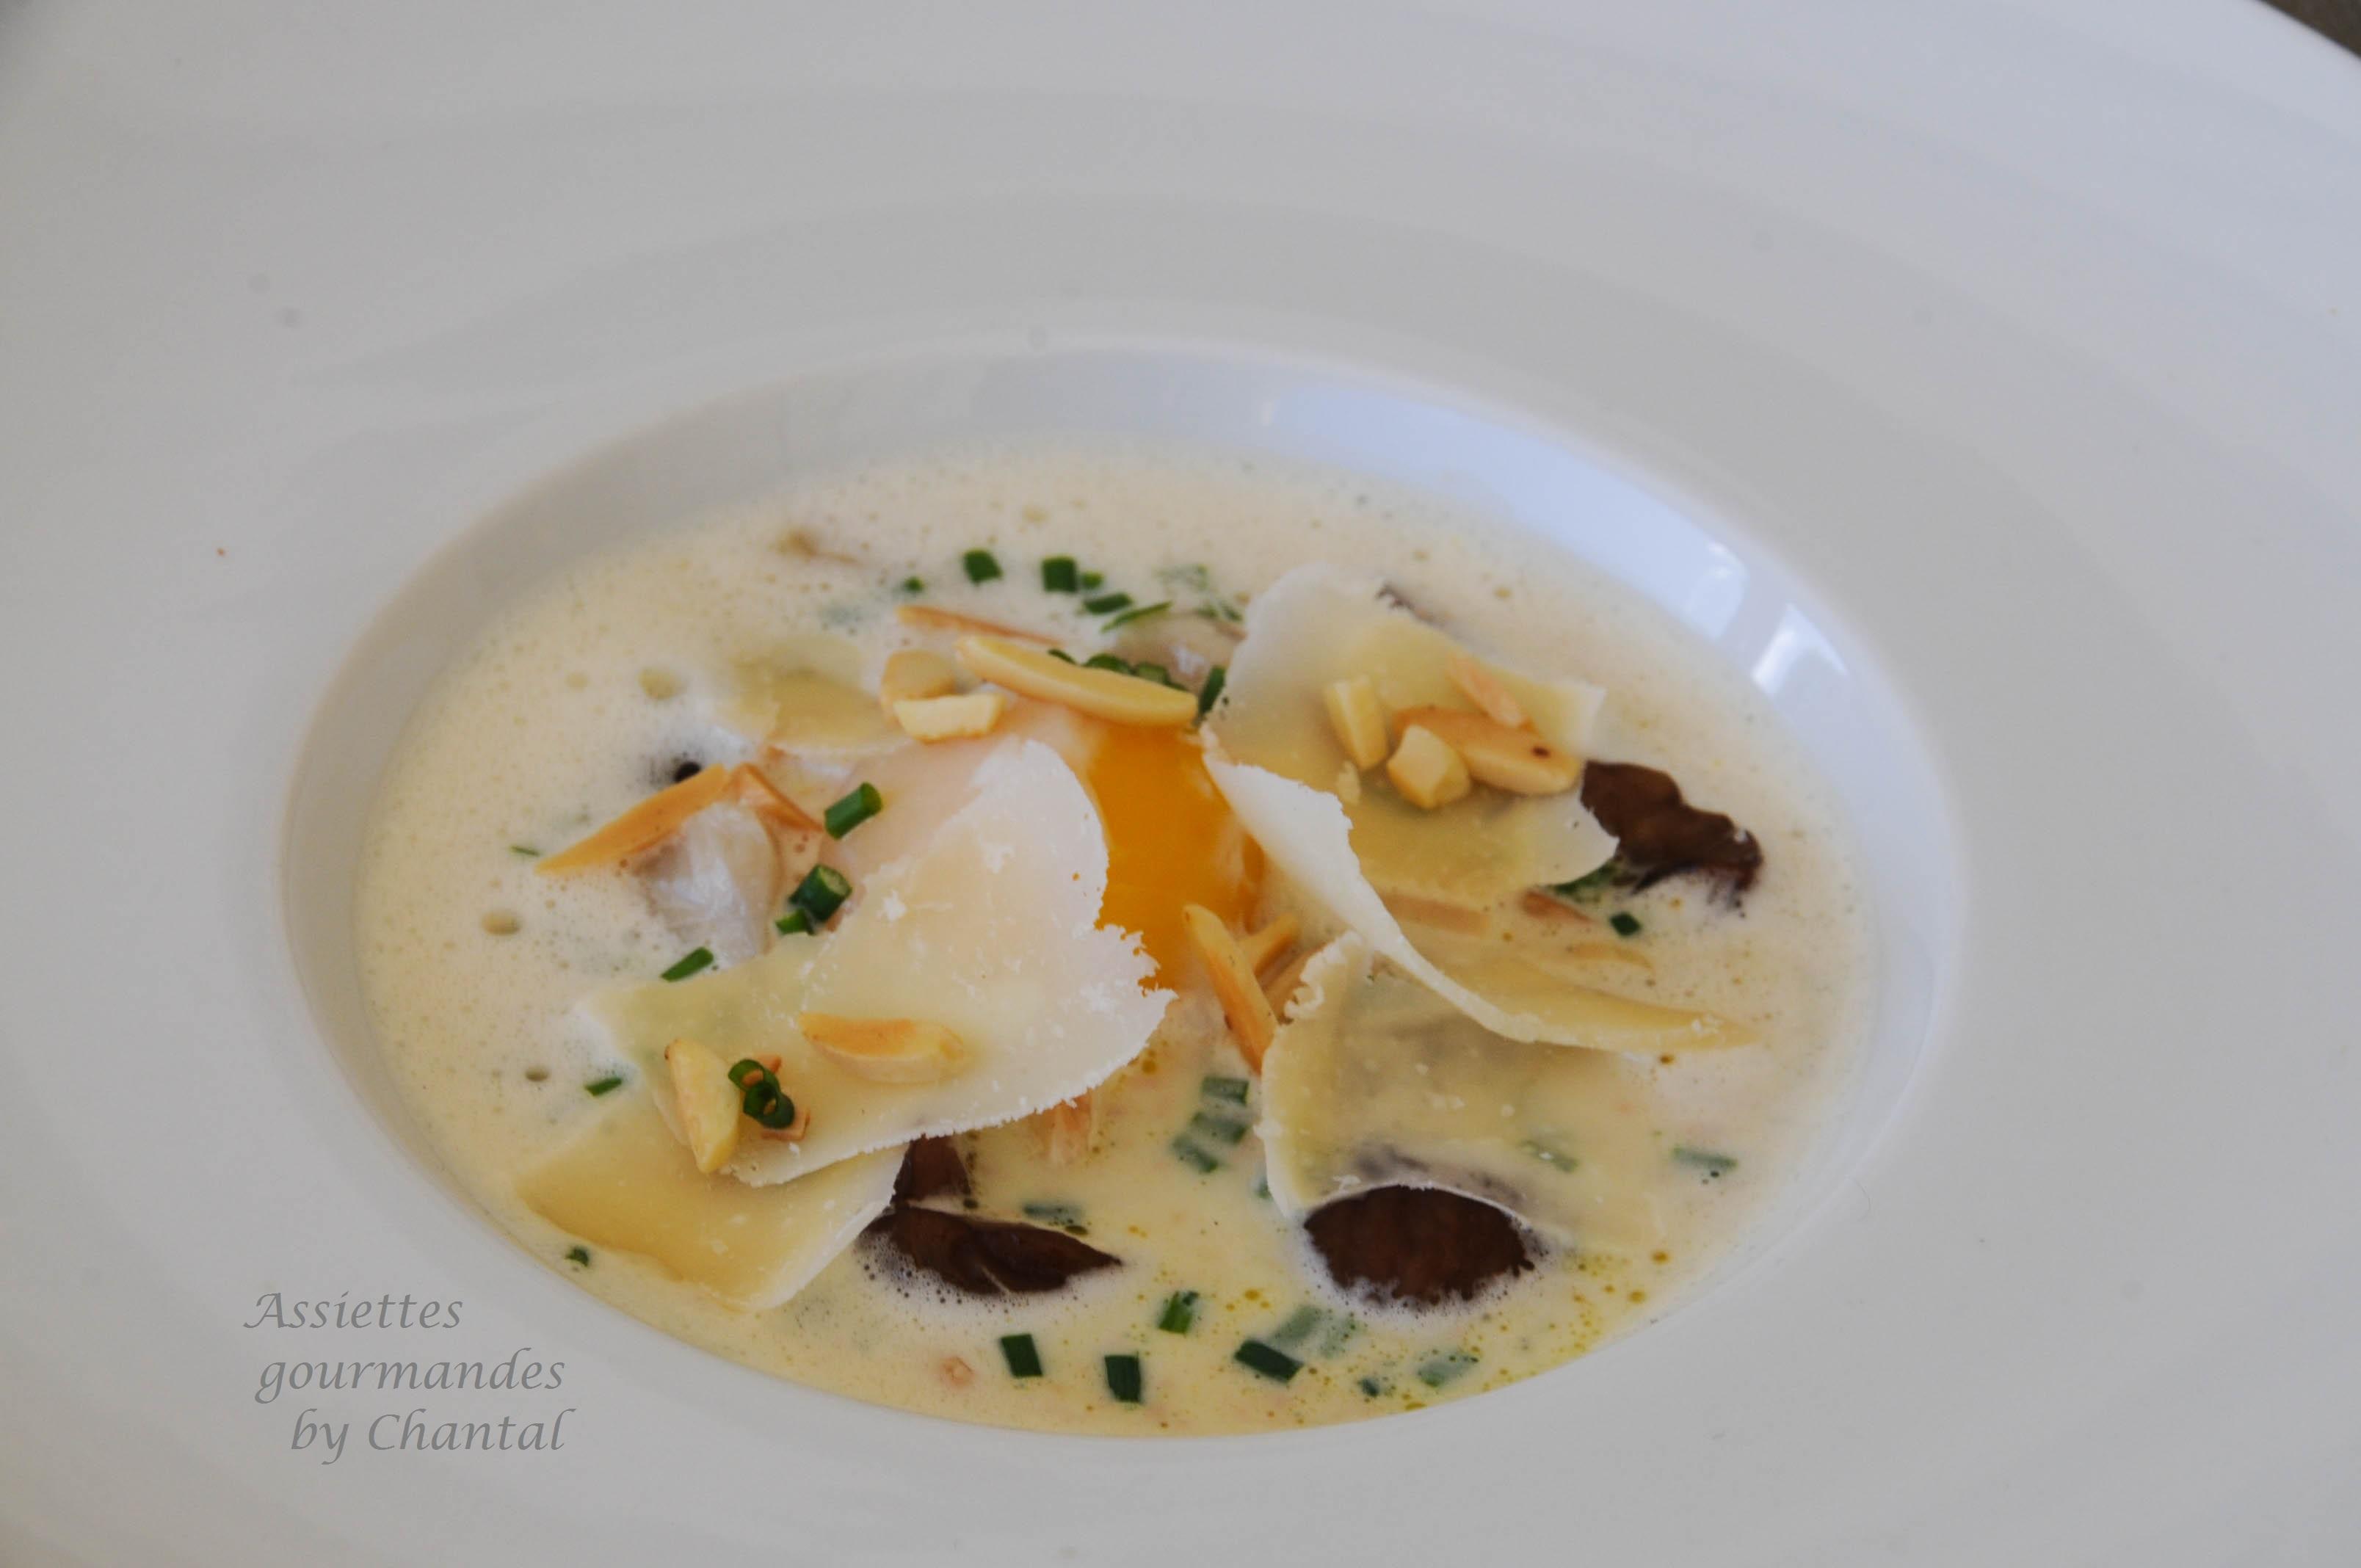 Oeuf 64 c leri fum esturgeon fum et lait de foie gras for Entree gastronomique originale